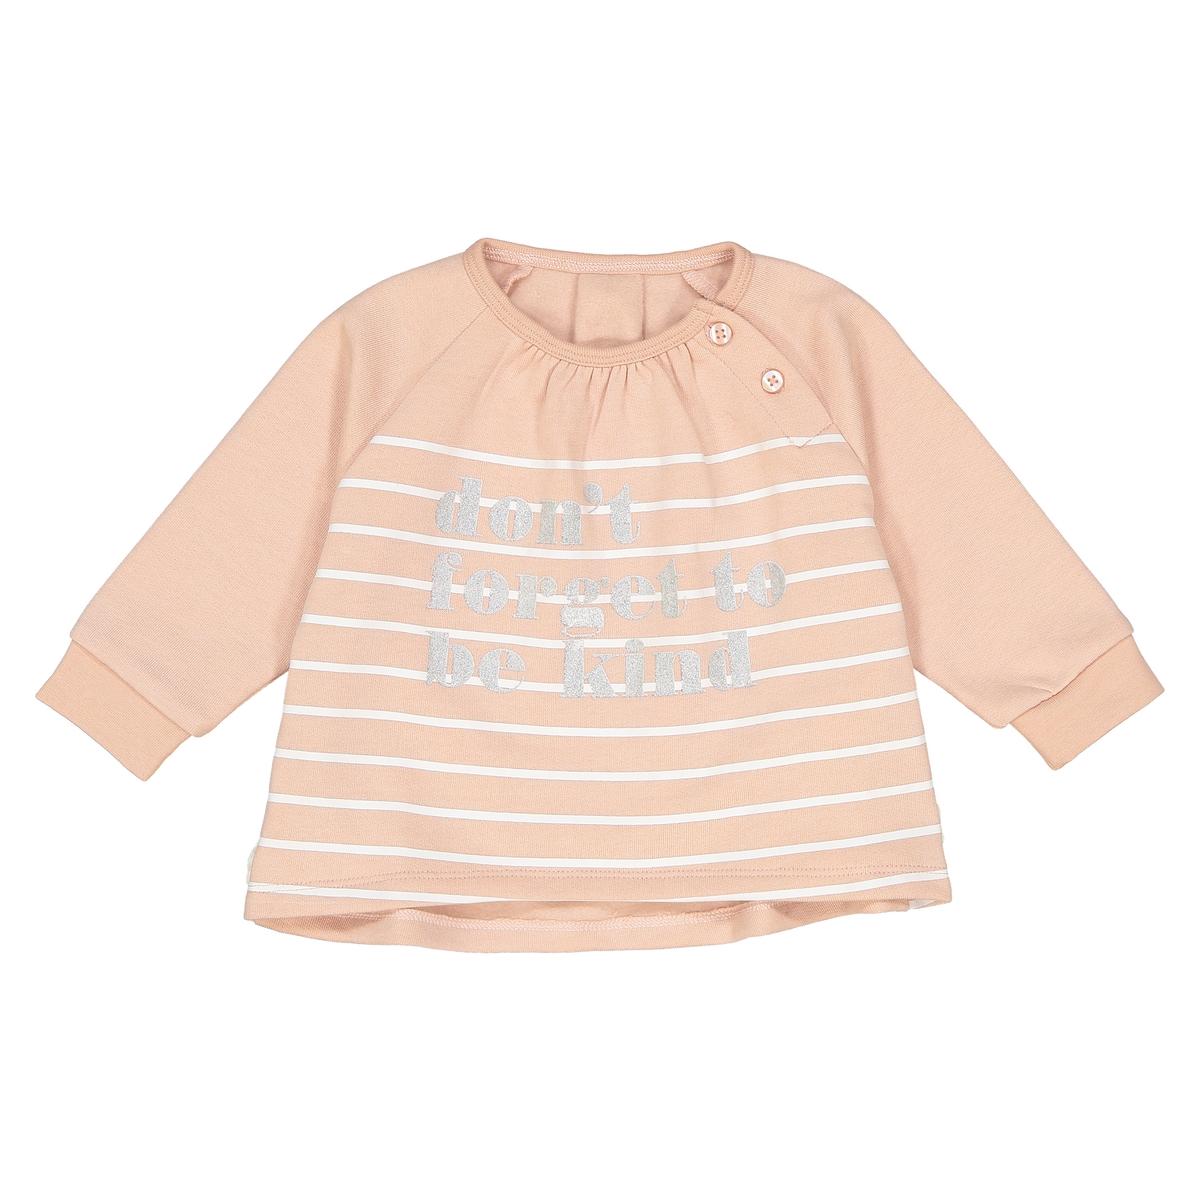 Свитшот La Redoute В блестящую полоску мес - года 2 года - 86 см розовый костюм la redoute купальный детский в полоску из махровой ткани мес года 2 года 86 см зеленый